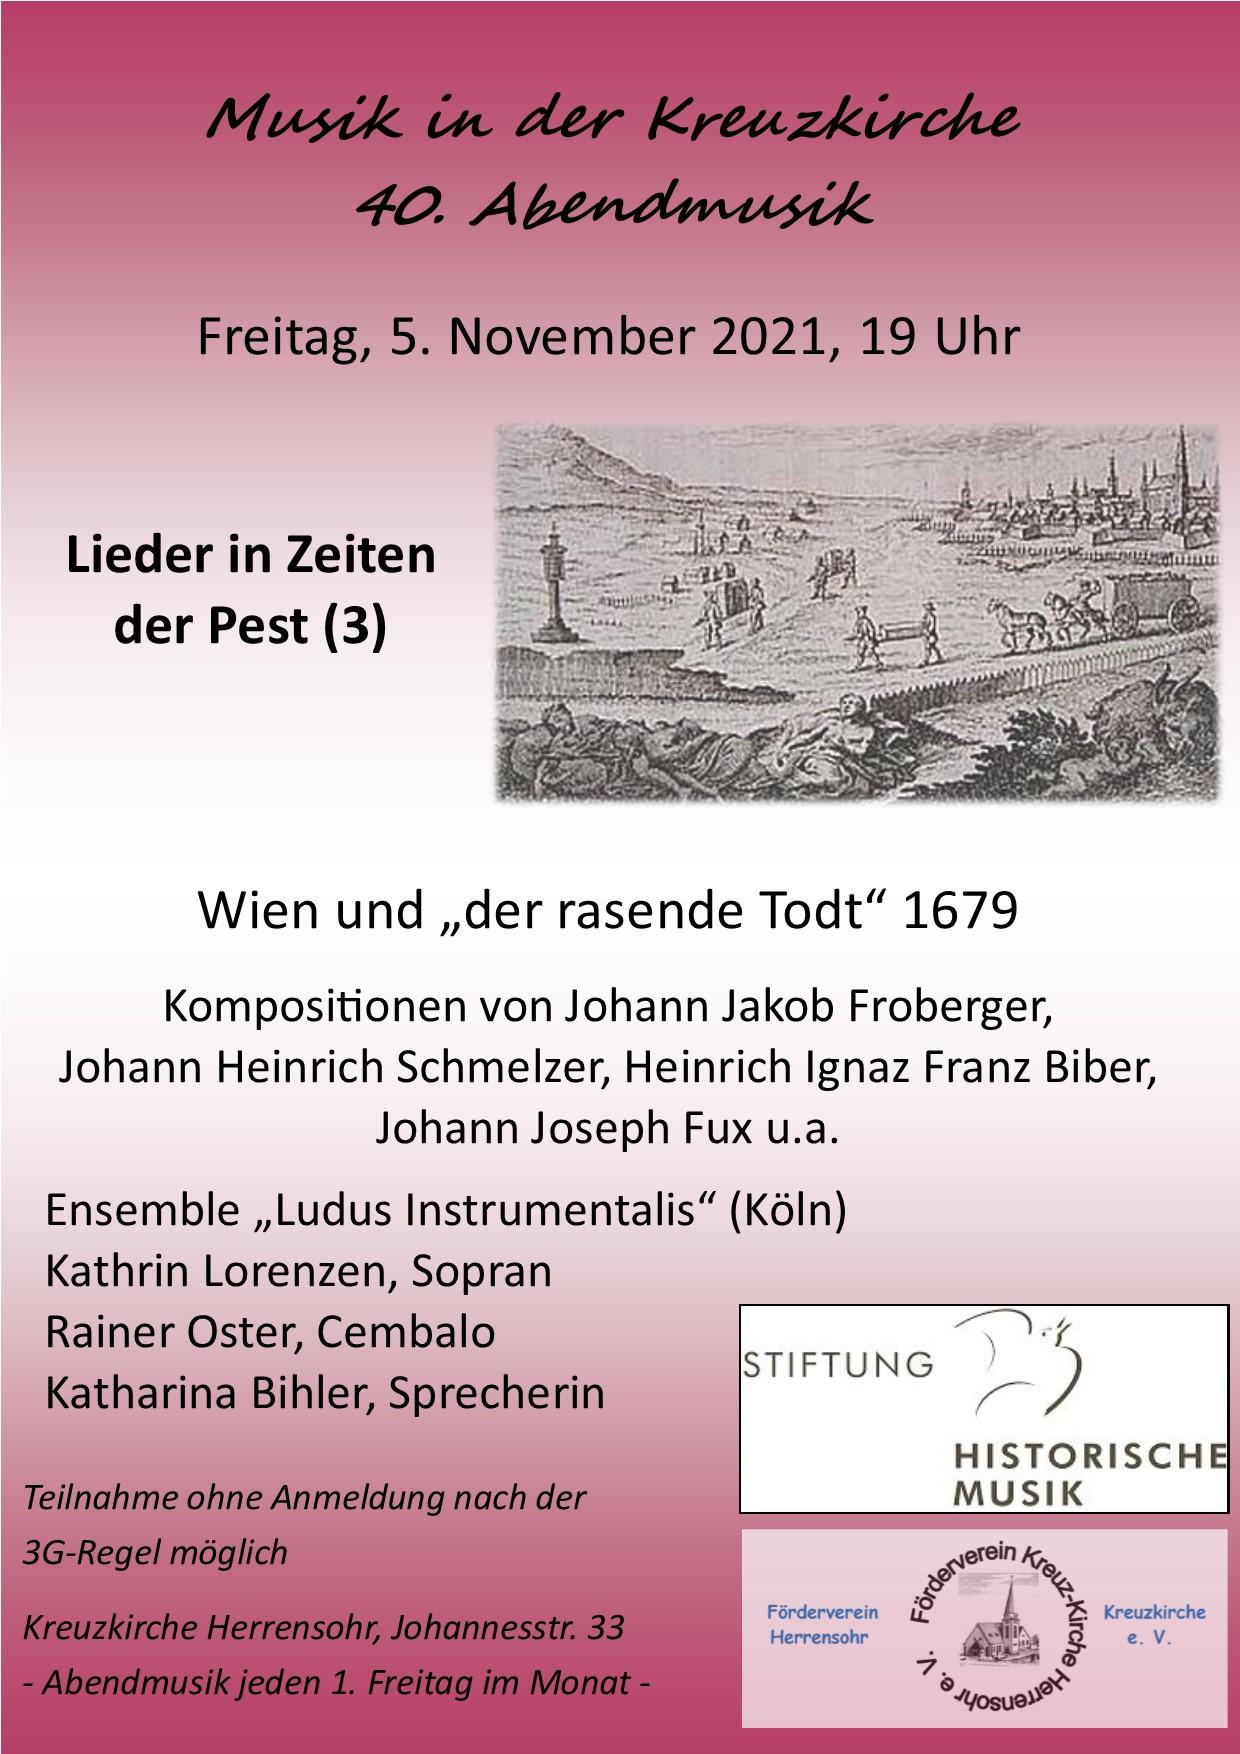 Musik in der Kreuzkirche - 40. Abendmusik -